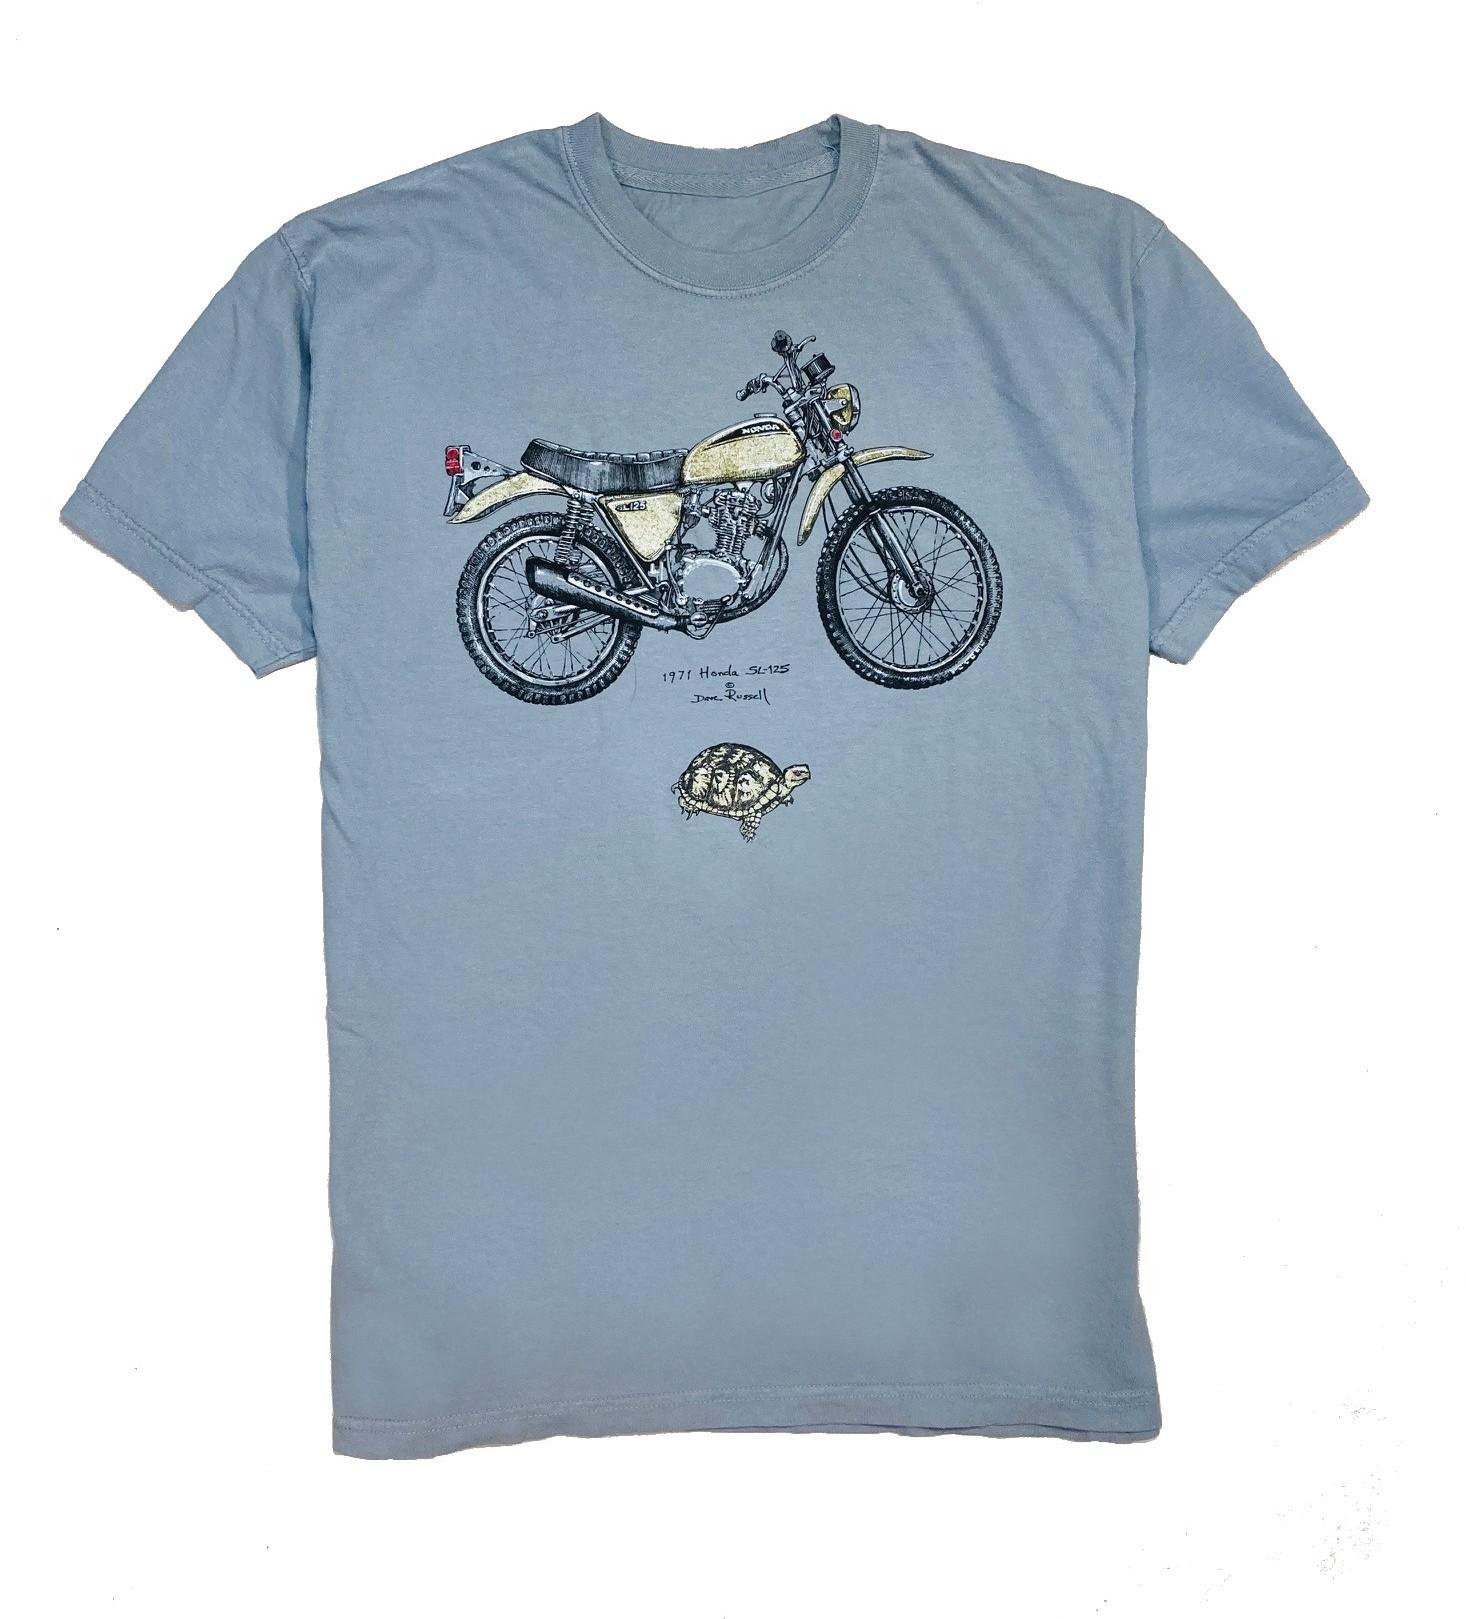 1971 Honda SL-125 t shirt